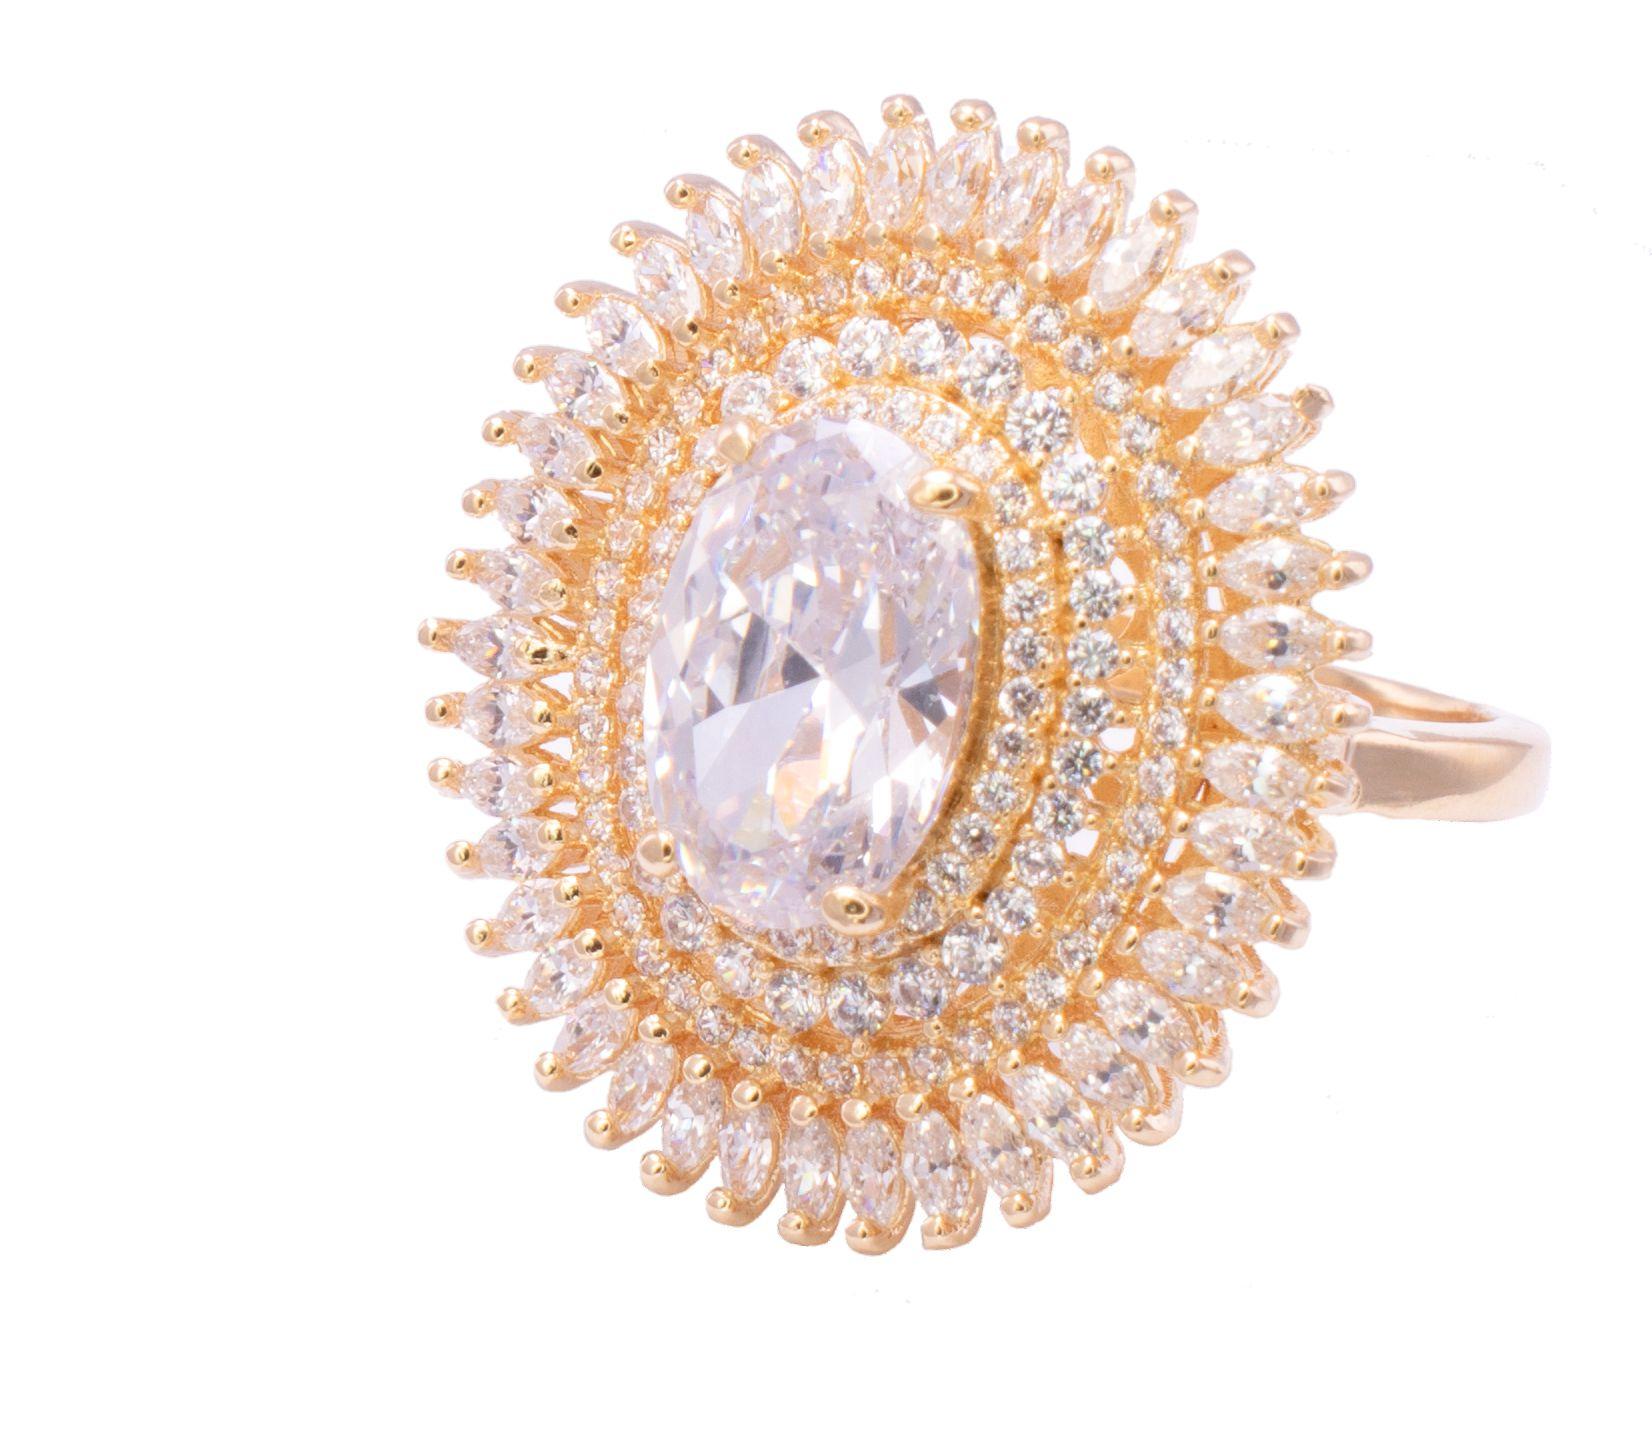 Anel com Cristal e Zircônia Incolor Folheados em Ouro 18k - Giro Semijoias